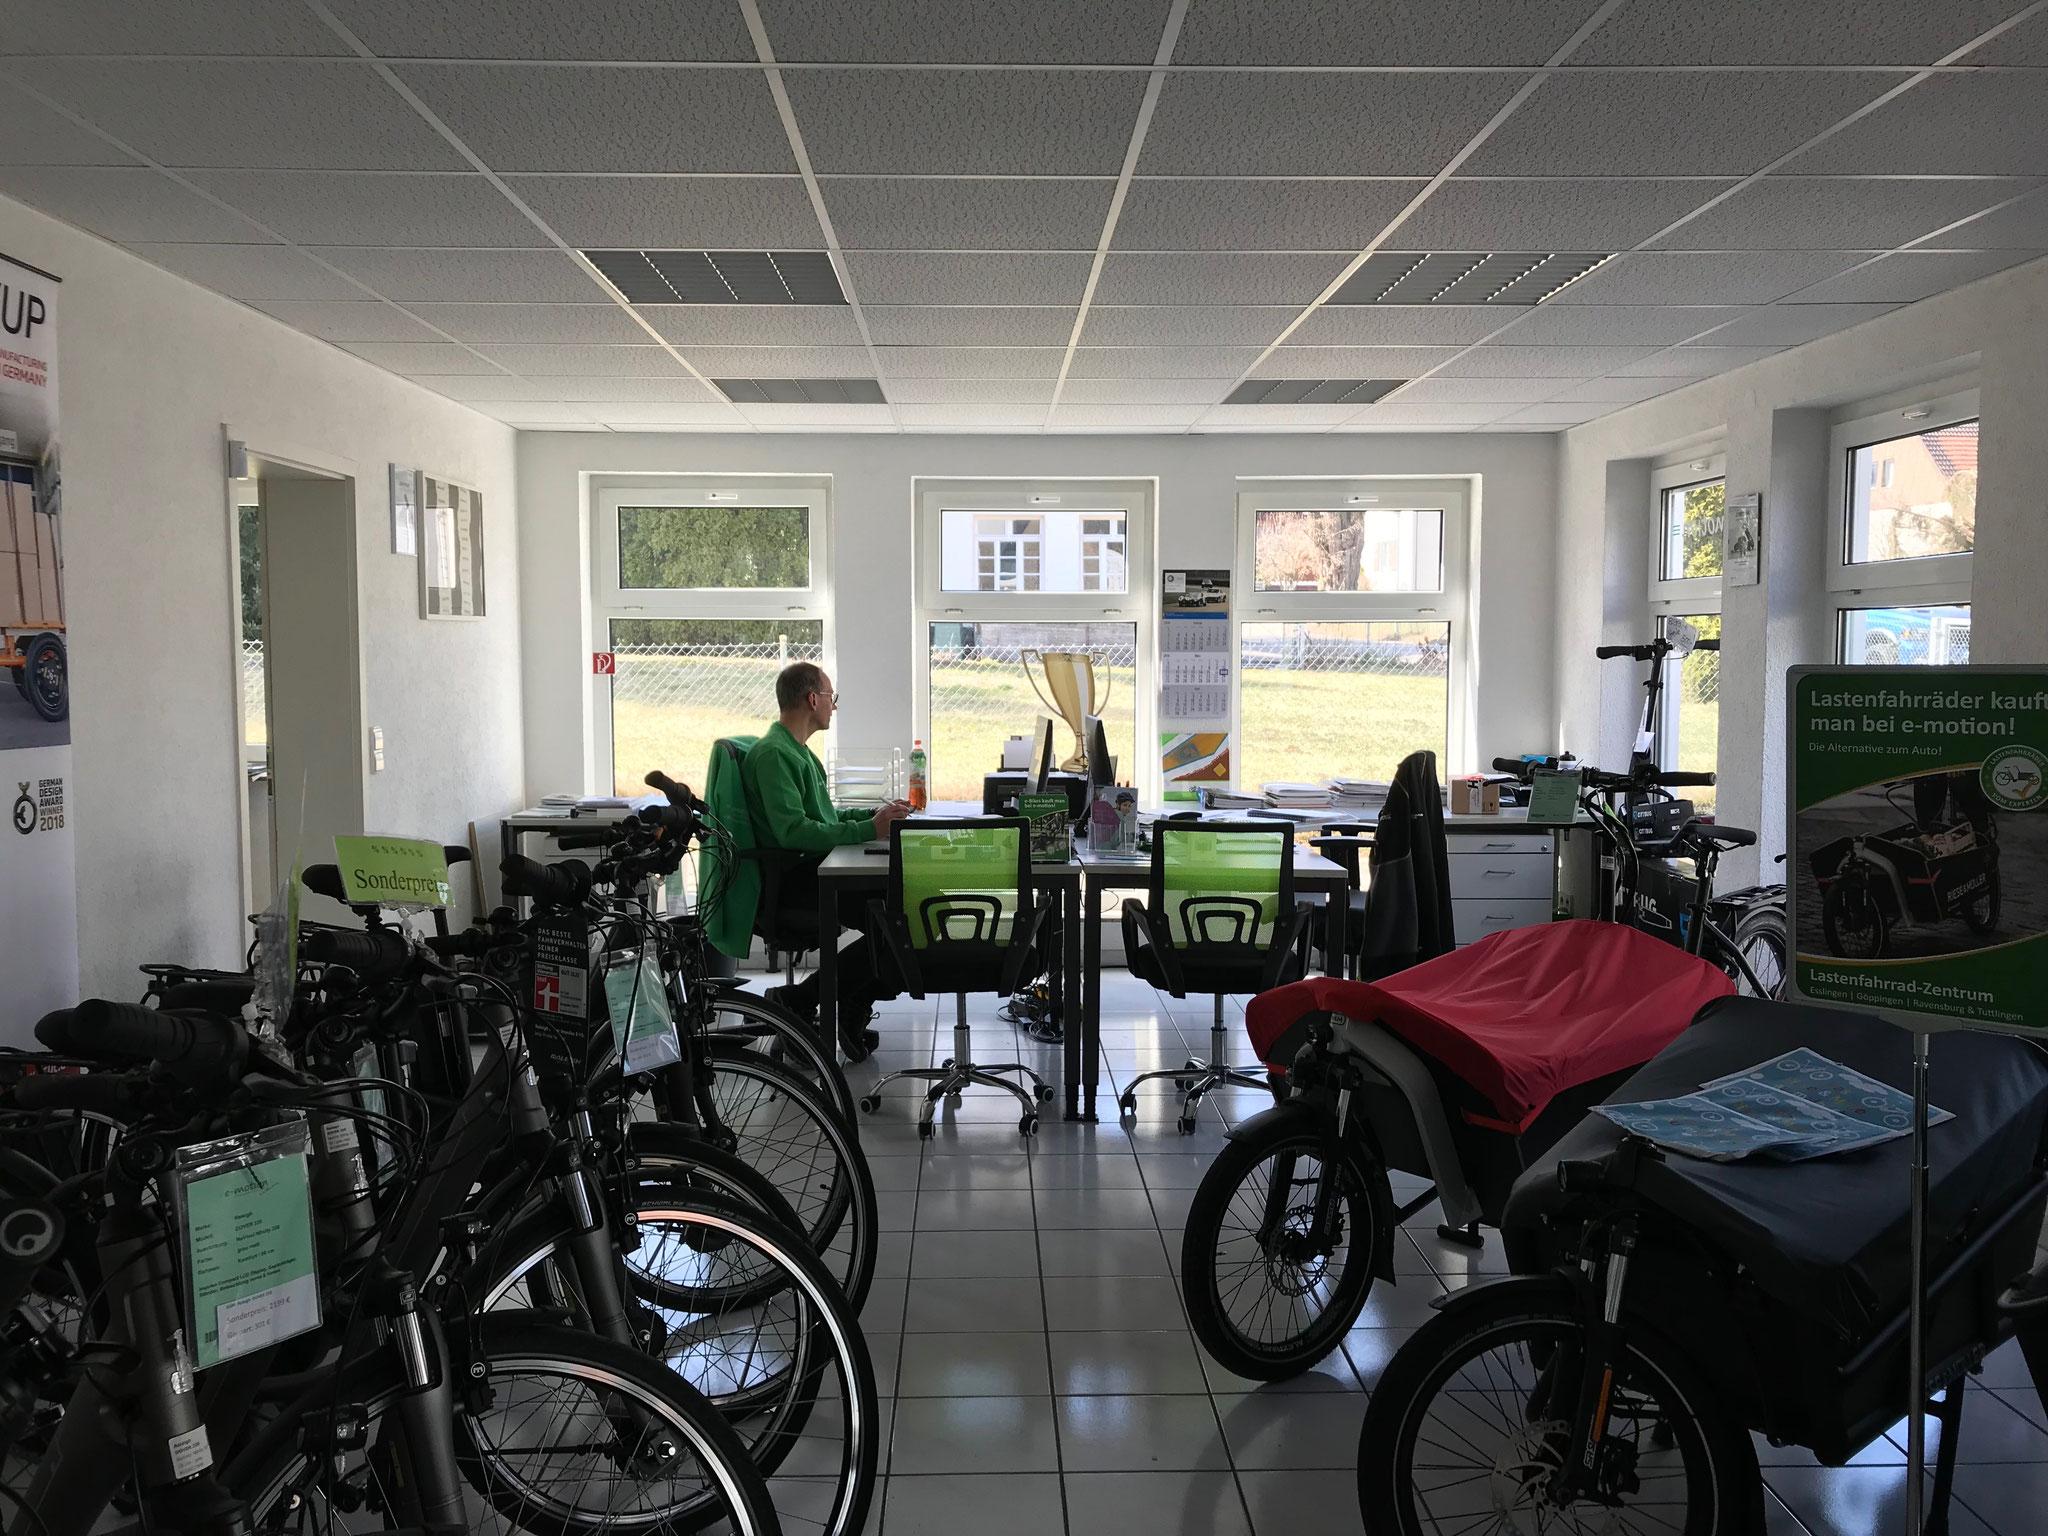 Unser Verkaufberater Klaus an seinem Arbeitsplatz neben den Lastenfahrrädern